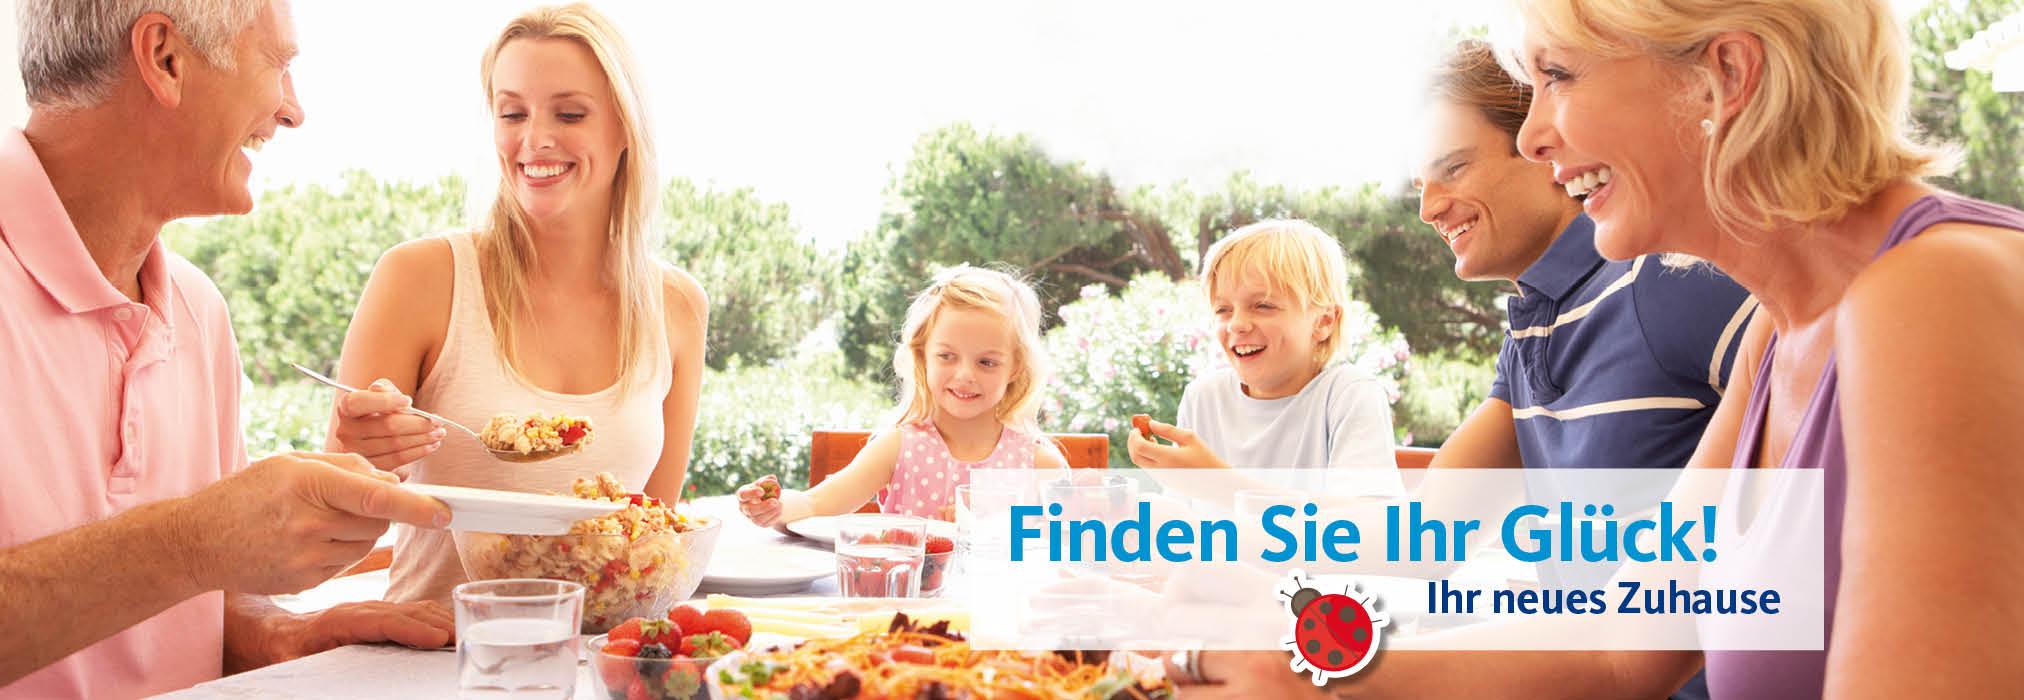 Beste Spielothek in Ehningen finden